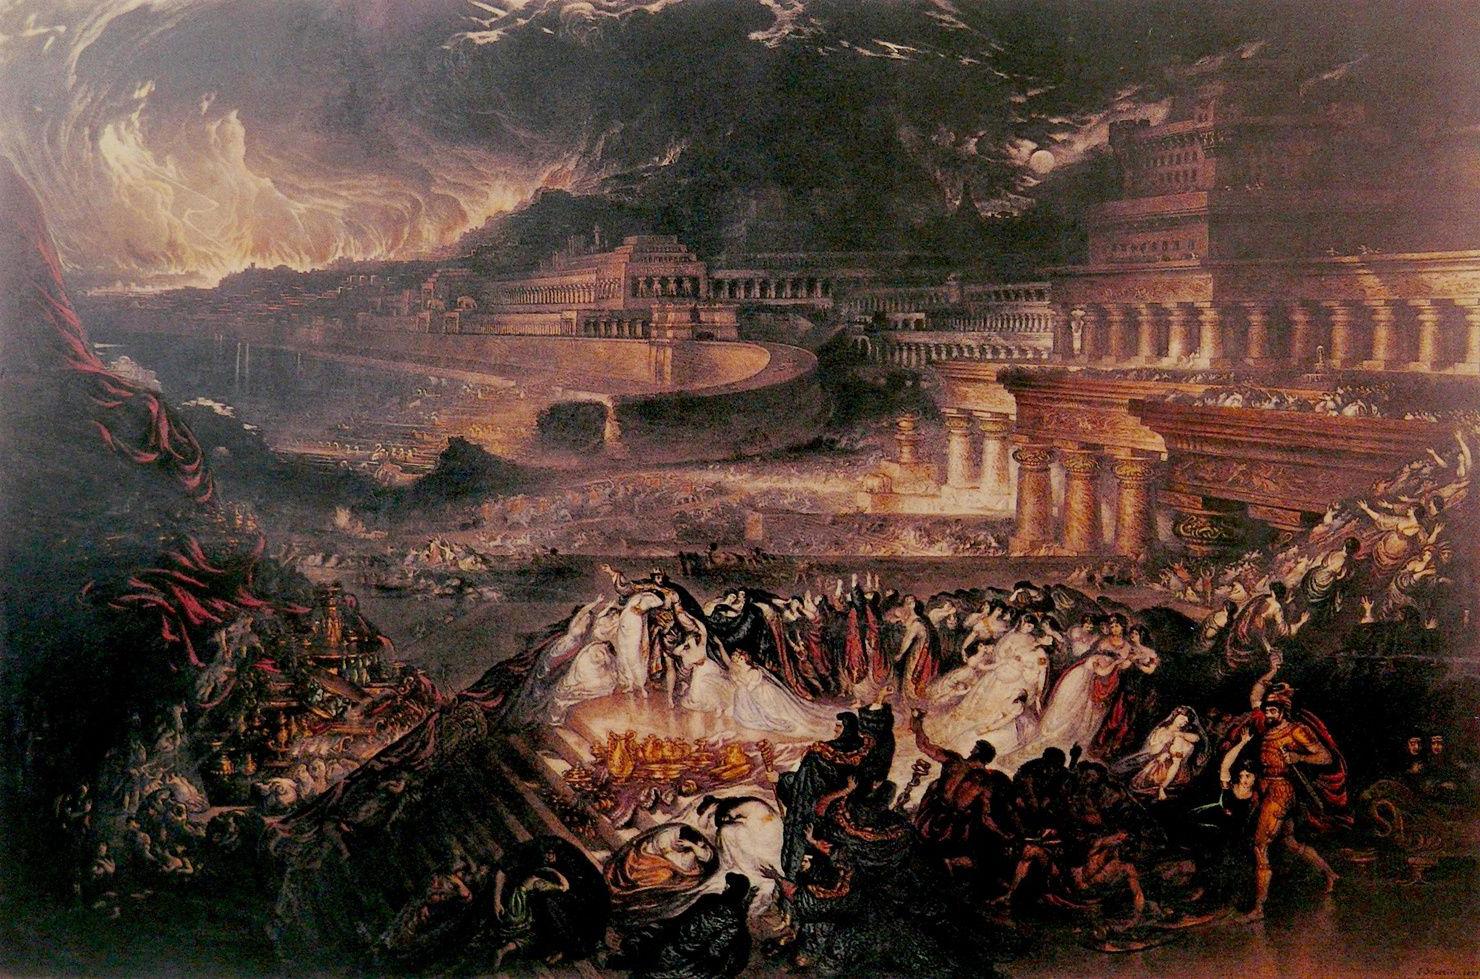 معركة نينوى (612 قبل الميلاد) - ويكيبيديا